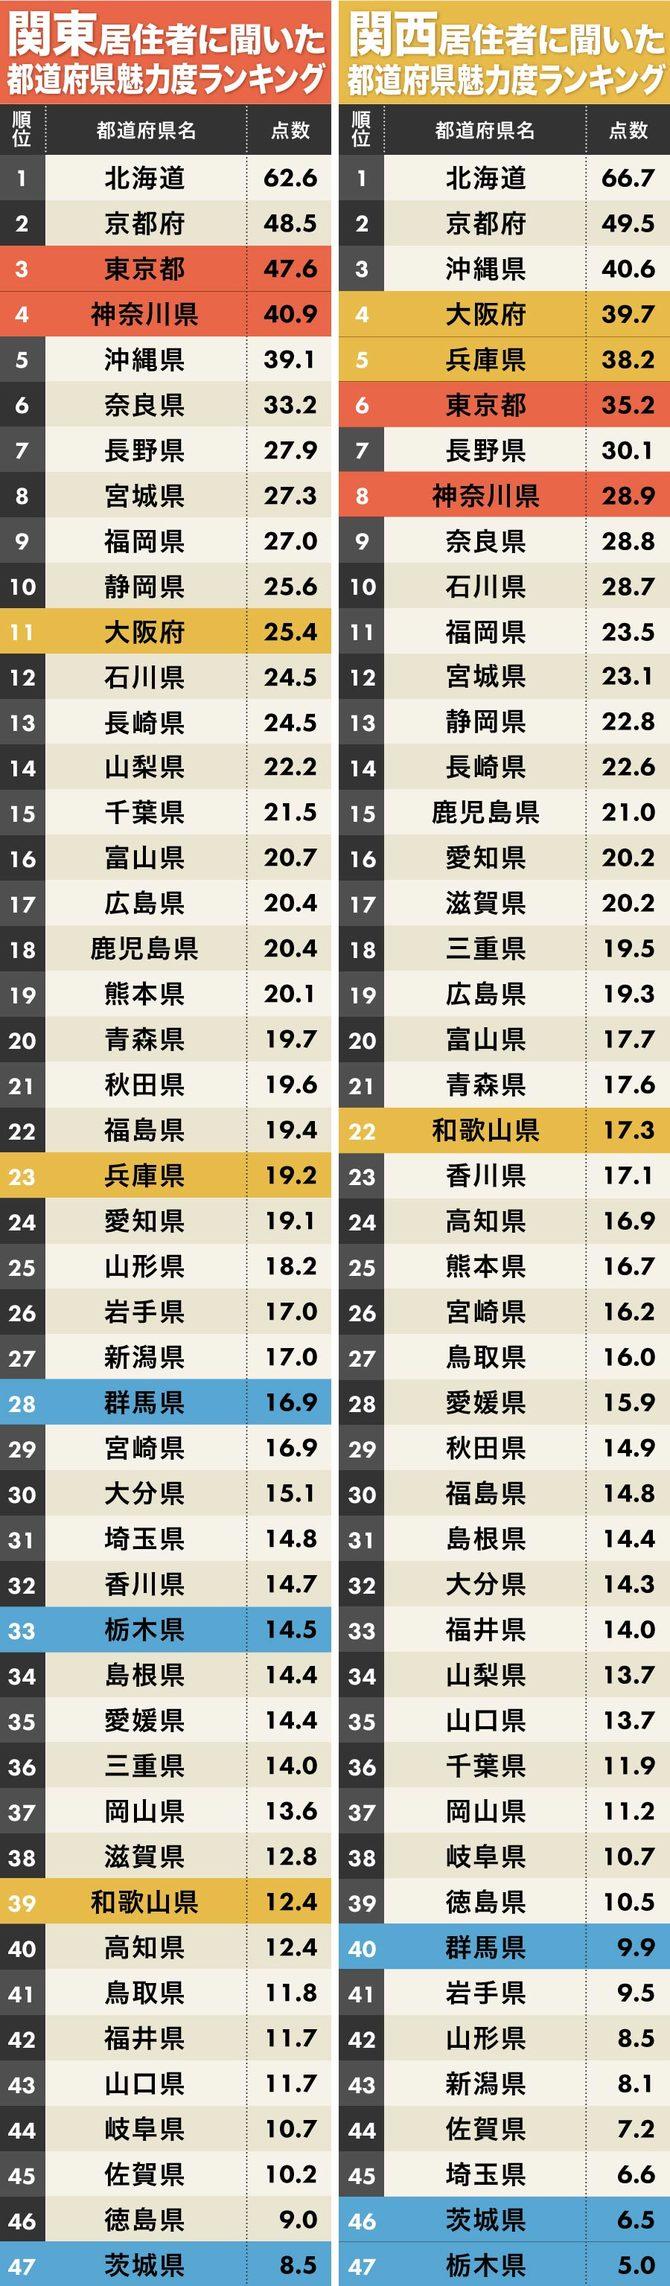 関東版&関西版都道府県魅力度ランキング1位~47位